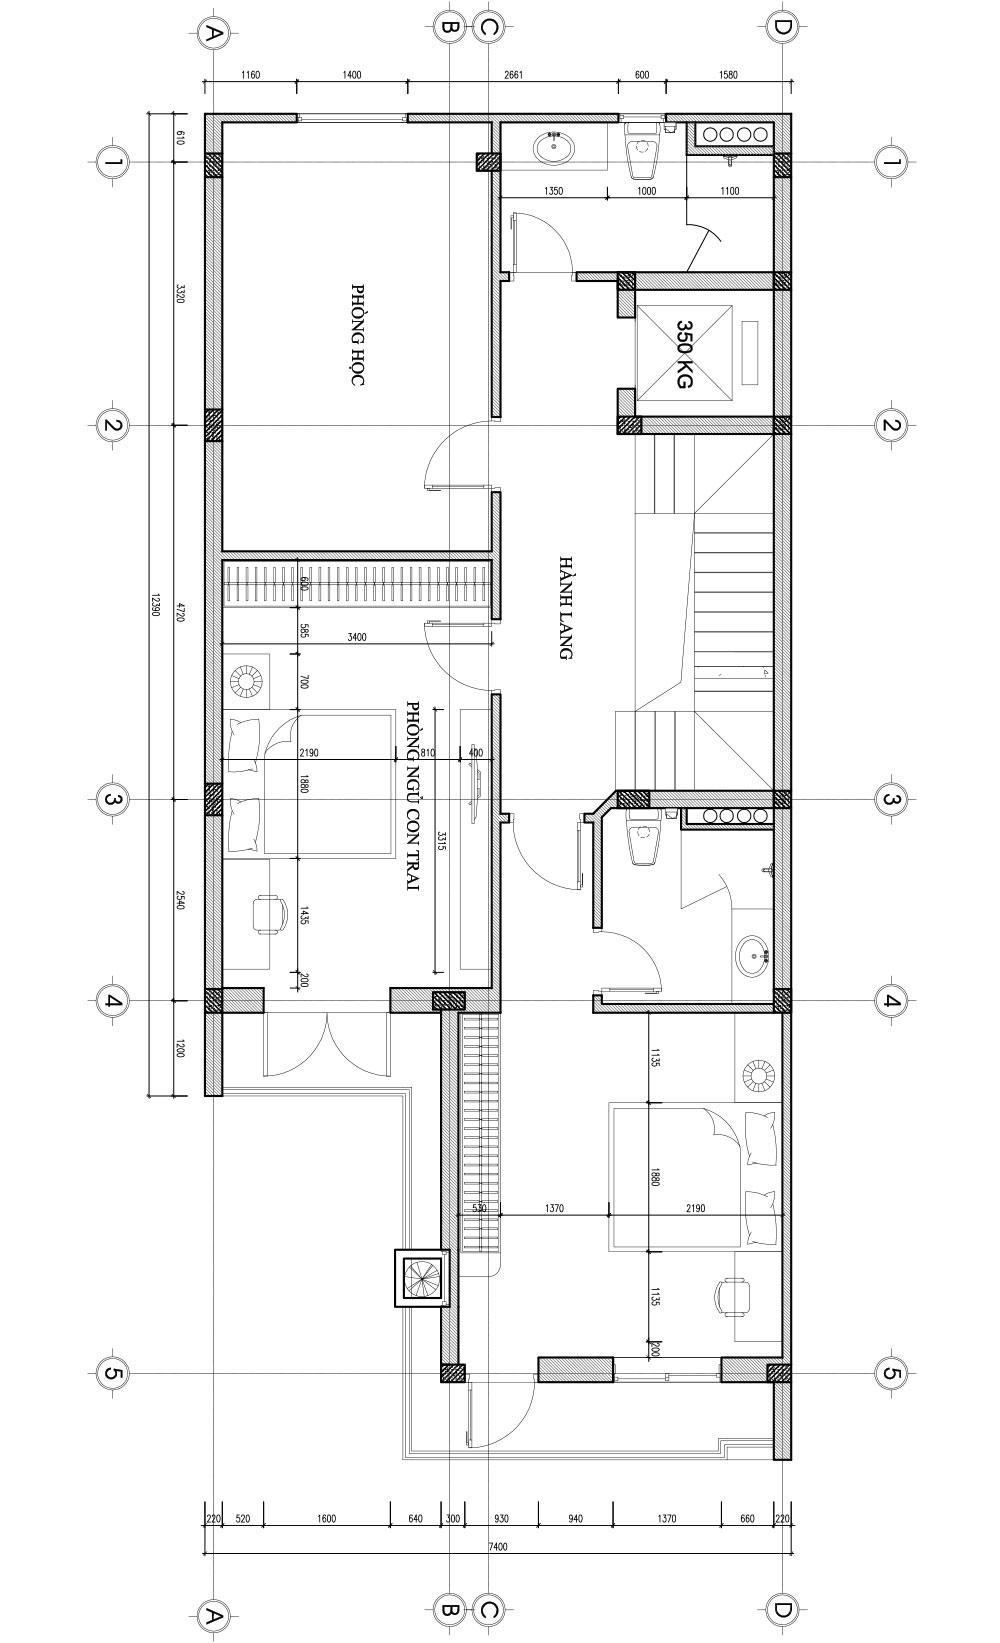 Bản vẽ thiết kế nhà liền kề - tầng 3